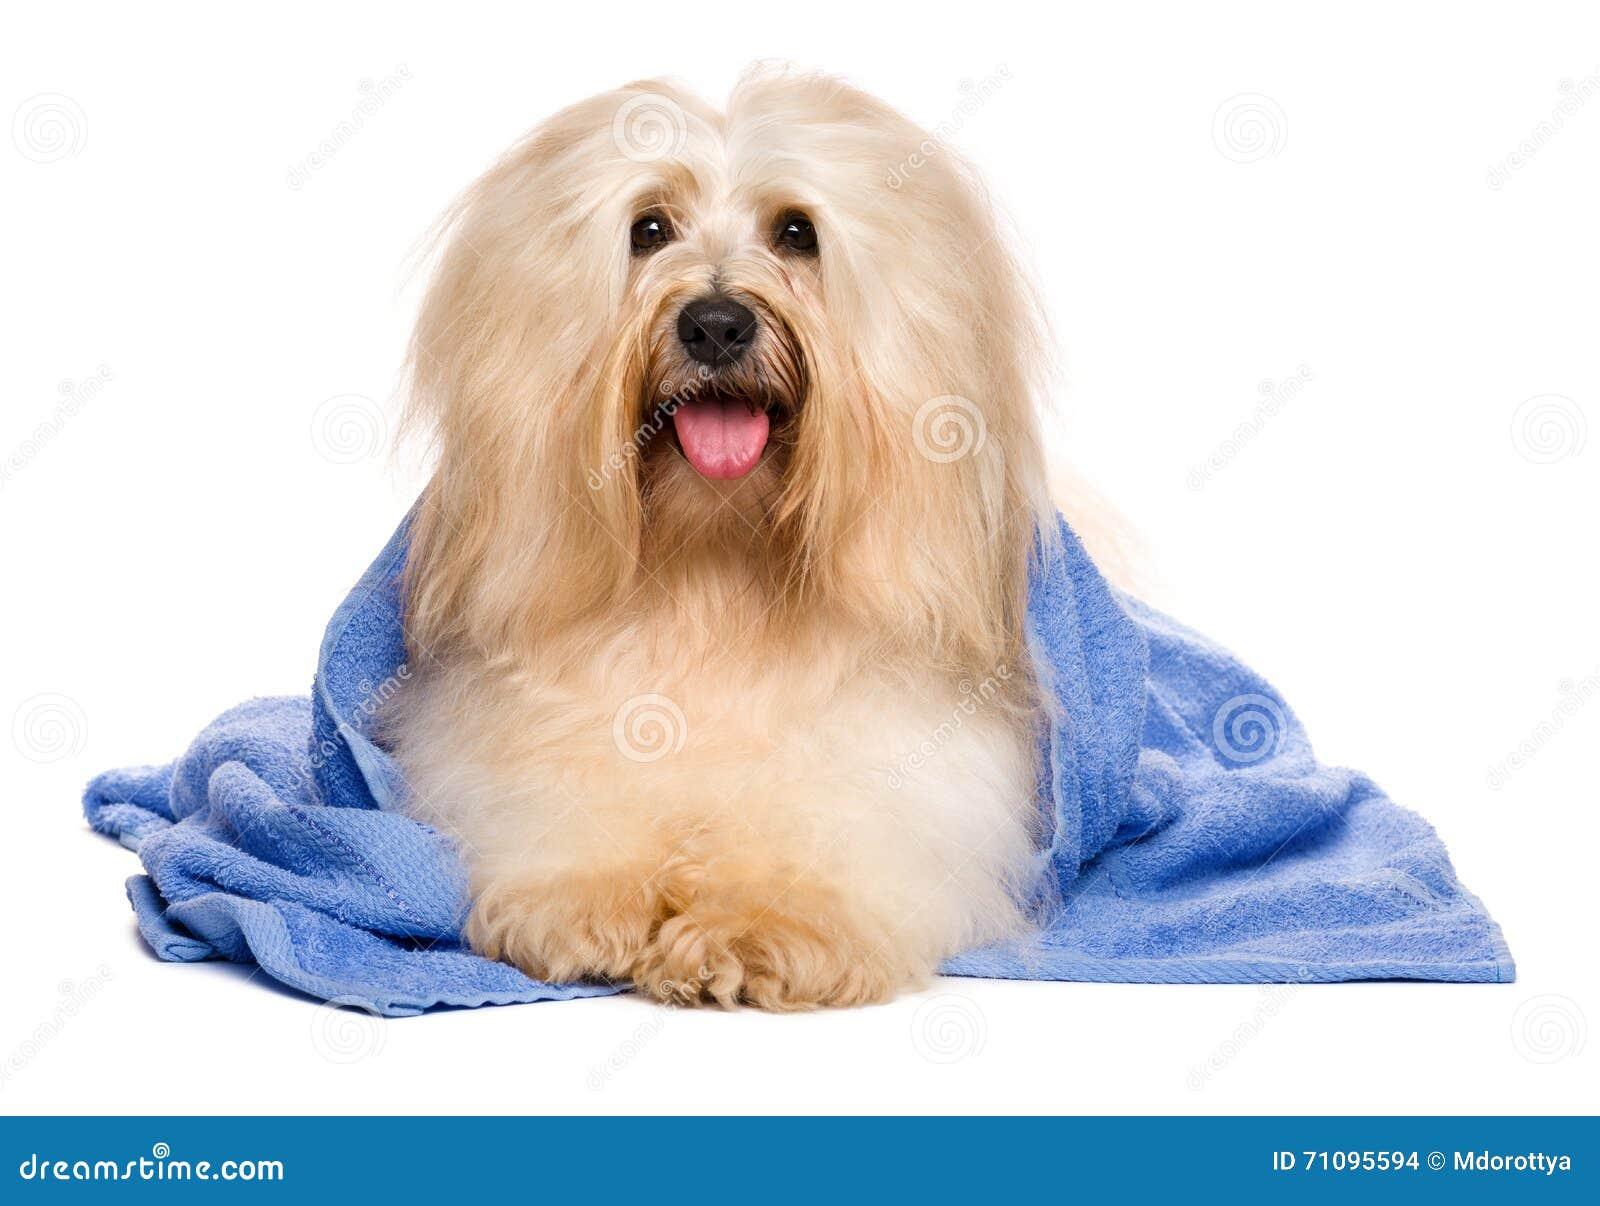 Beau chien havanese rougeâtre après le bain se situant dans une serviette bleue